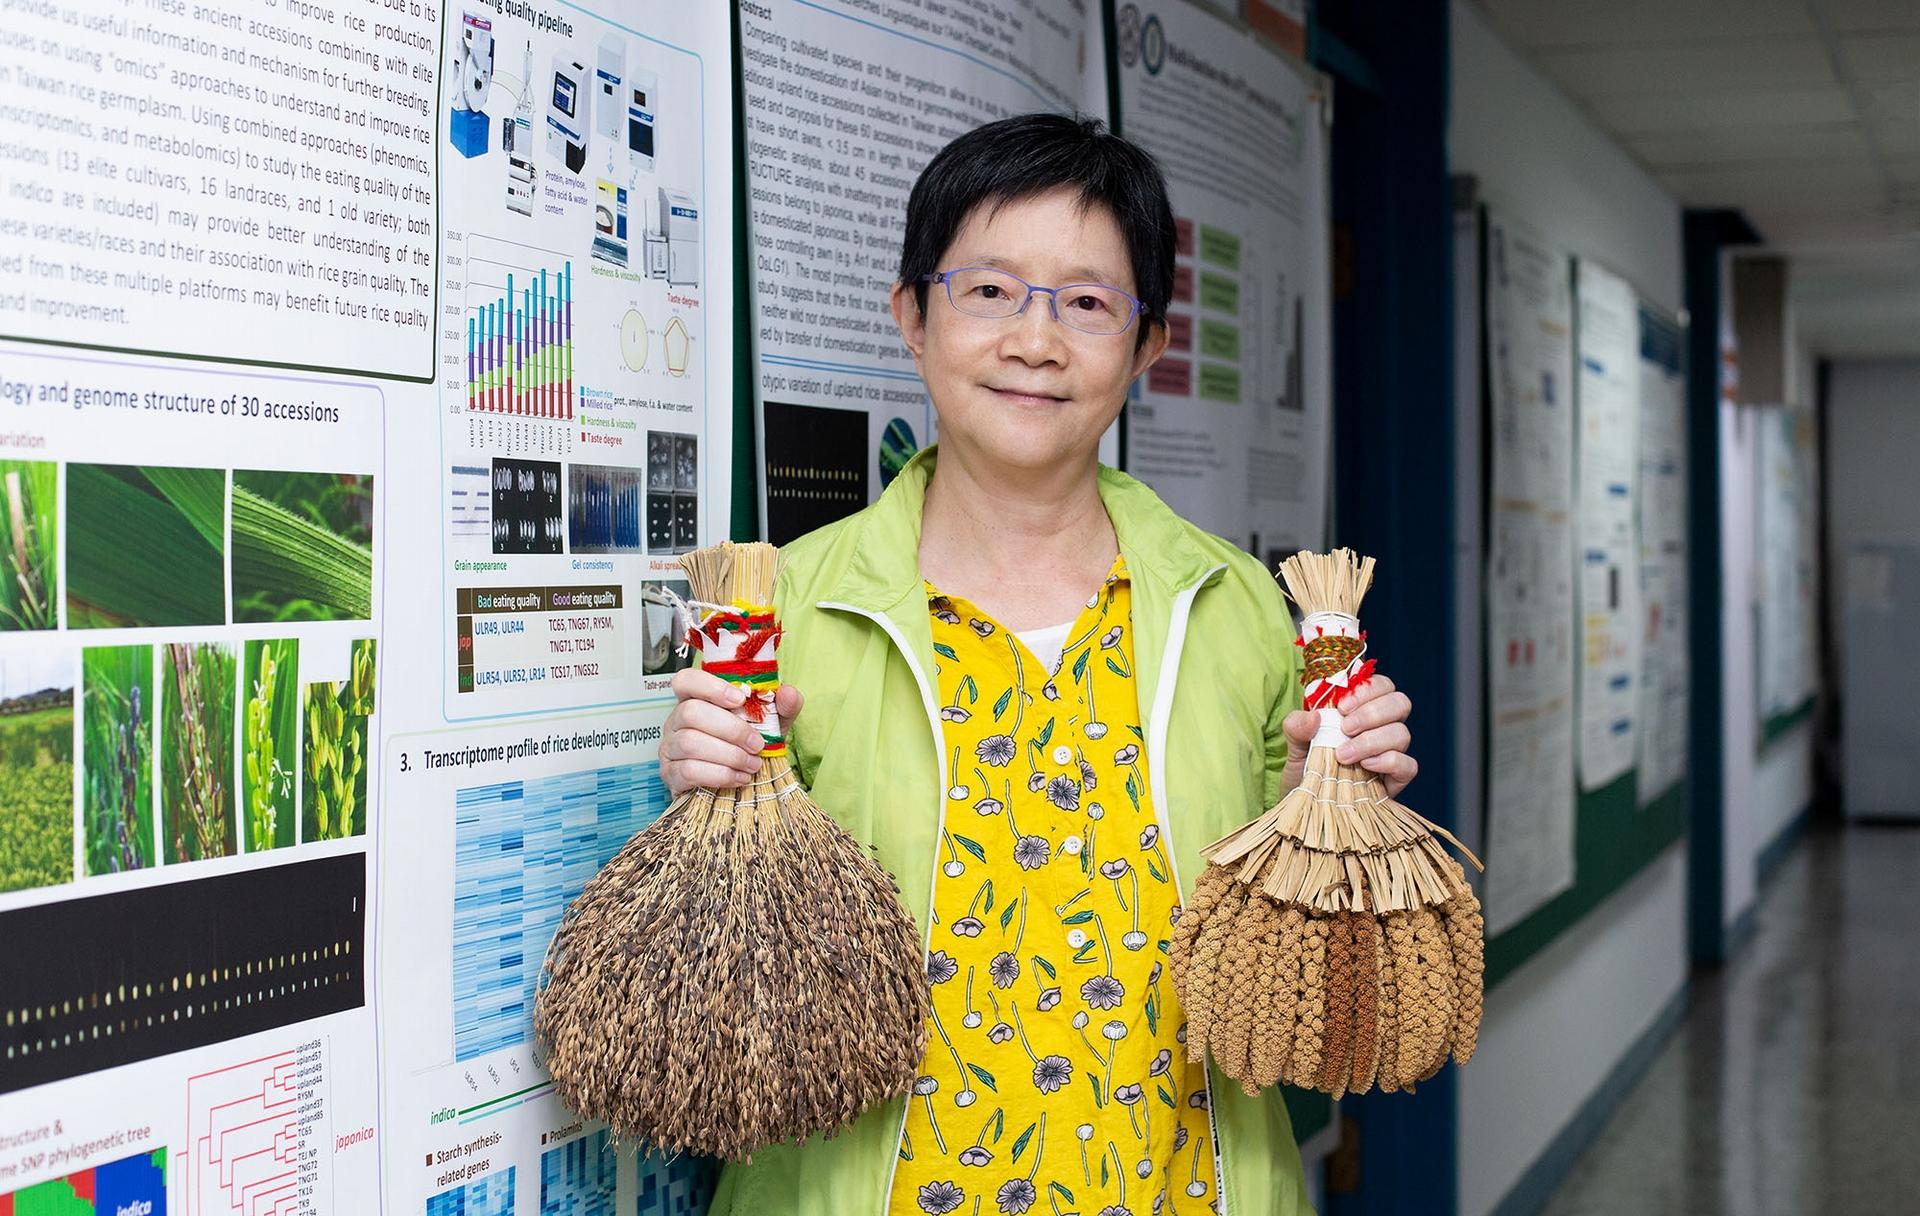 中研院植微所邢禹依特聘研究員專精水稻基因體研究,曾和周德源博士一起領導臺灣的團隊參與「國際水稻基因體定序計畫」,與世界各國合作,定出了水稻 12 條染色體的基因序列。近年來,她的實驗室研究山地陸稻,透過基因定序技術、親緣分析,解讀臺灣稻米與人的故事。 <br>攝影│林洵安